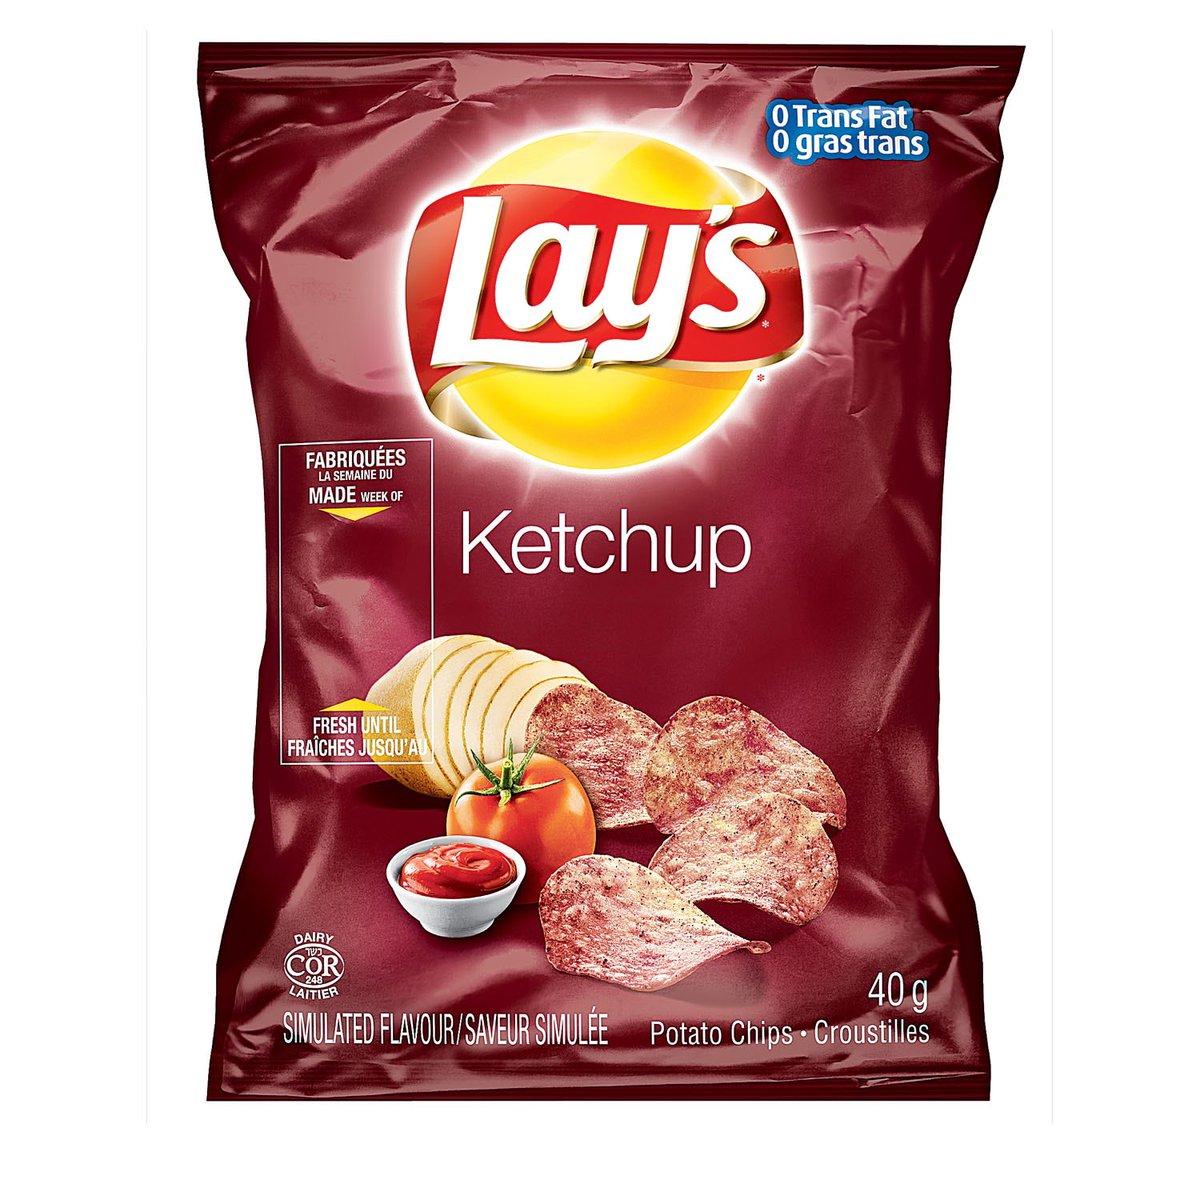 @KCMBBulletin @bernardokath @LaysPhilippines i mean????? THE BEST